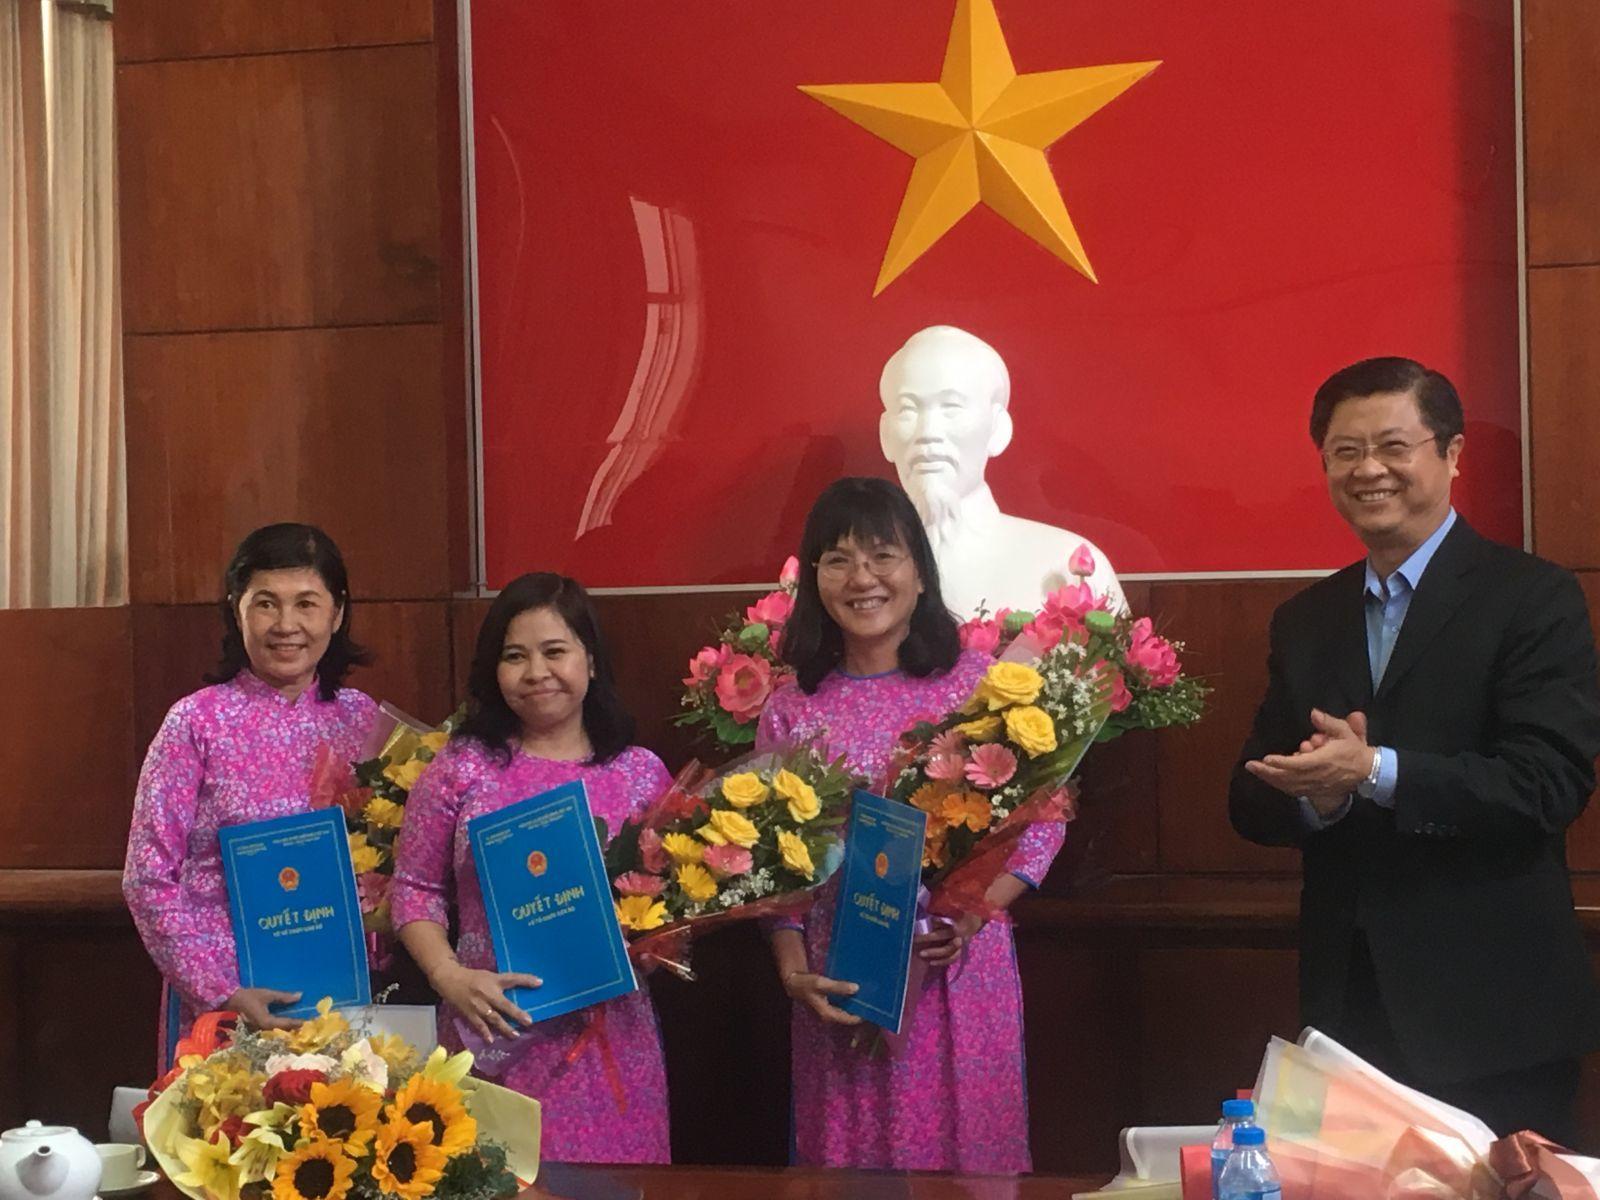 Cần Thơ,Đắk Nông,Quảng Ninh,BỔ NHIỆM,NHÂN SỰ